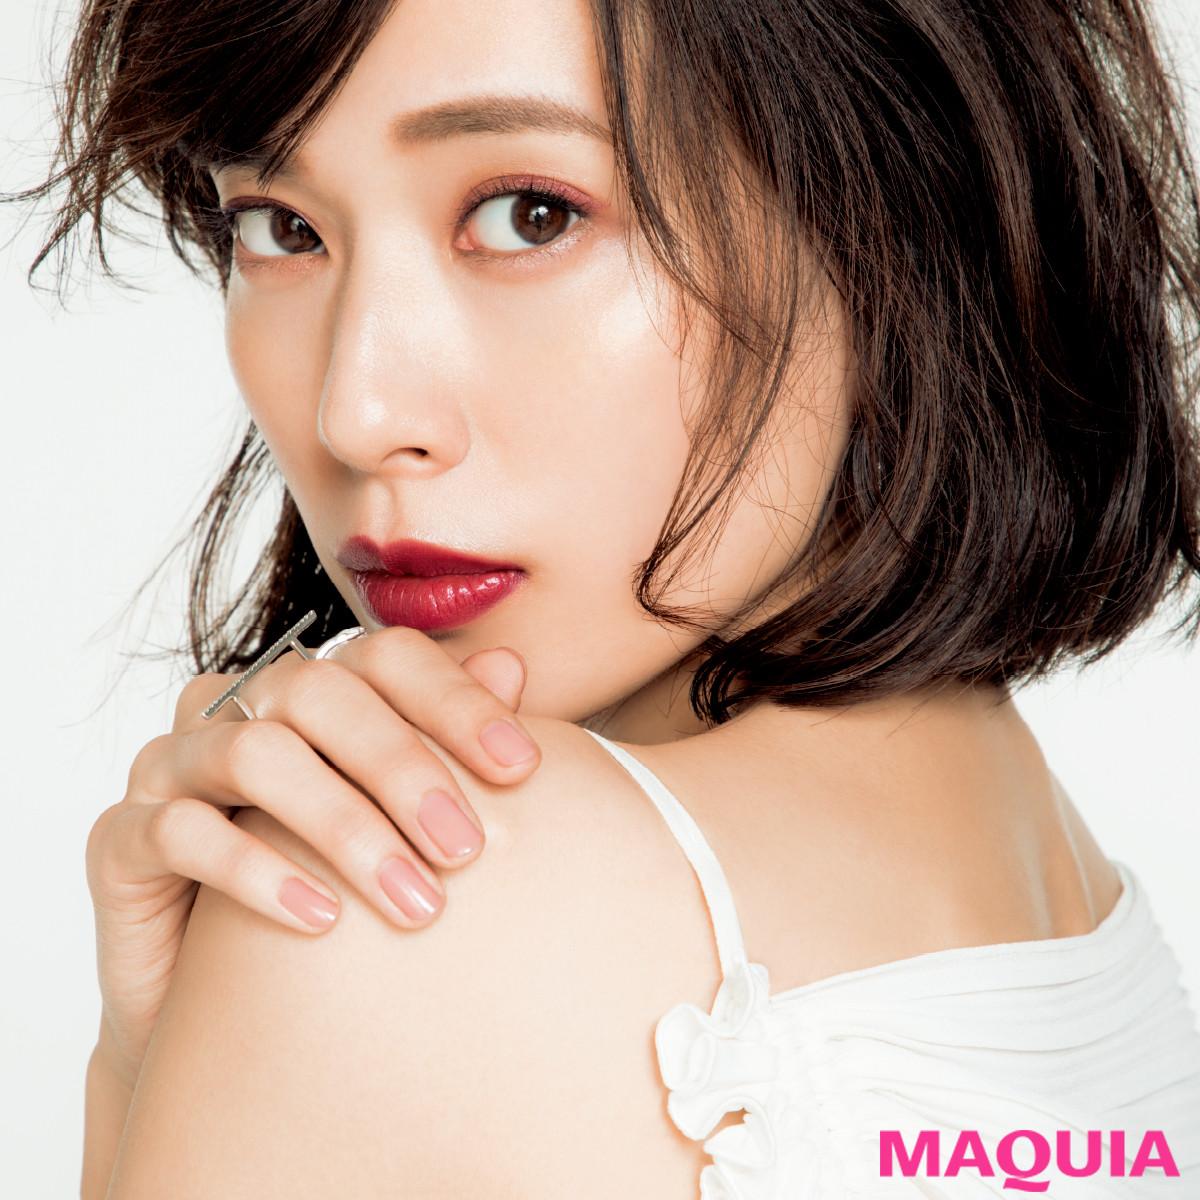 戸田恵梨香の「凛」と「美」